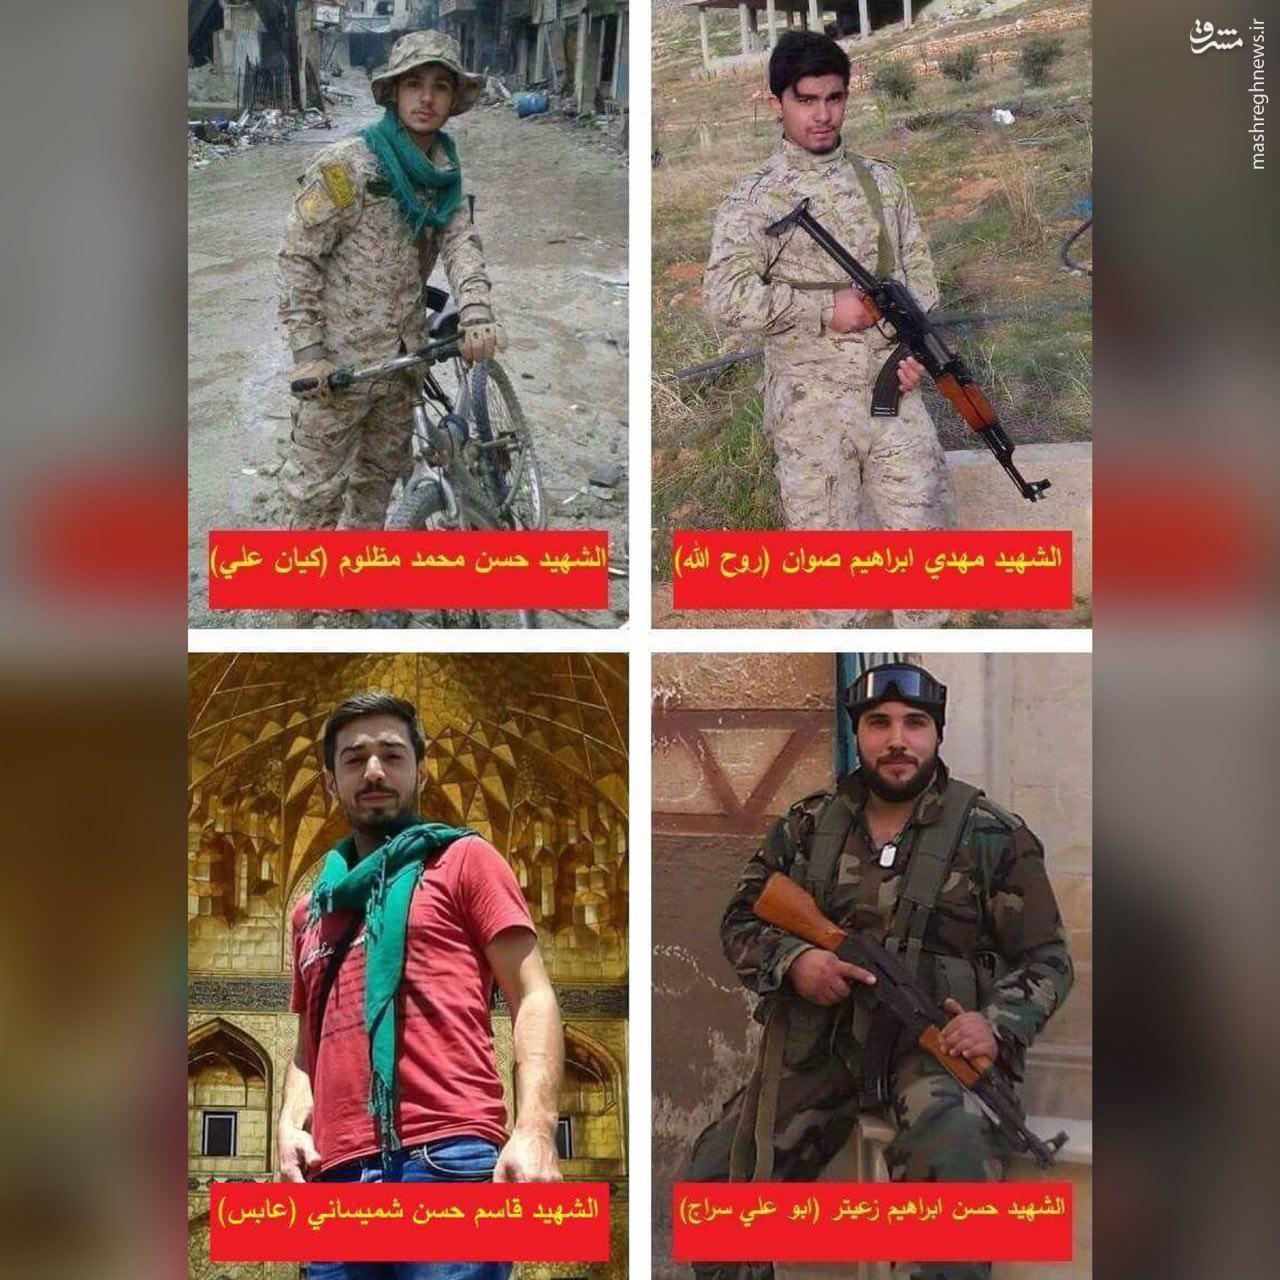 شهادت 4 رزمنده حزب الله در حلب سوریه+عکس